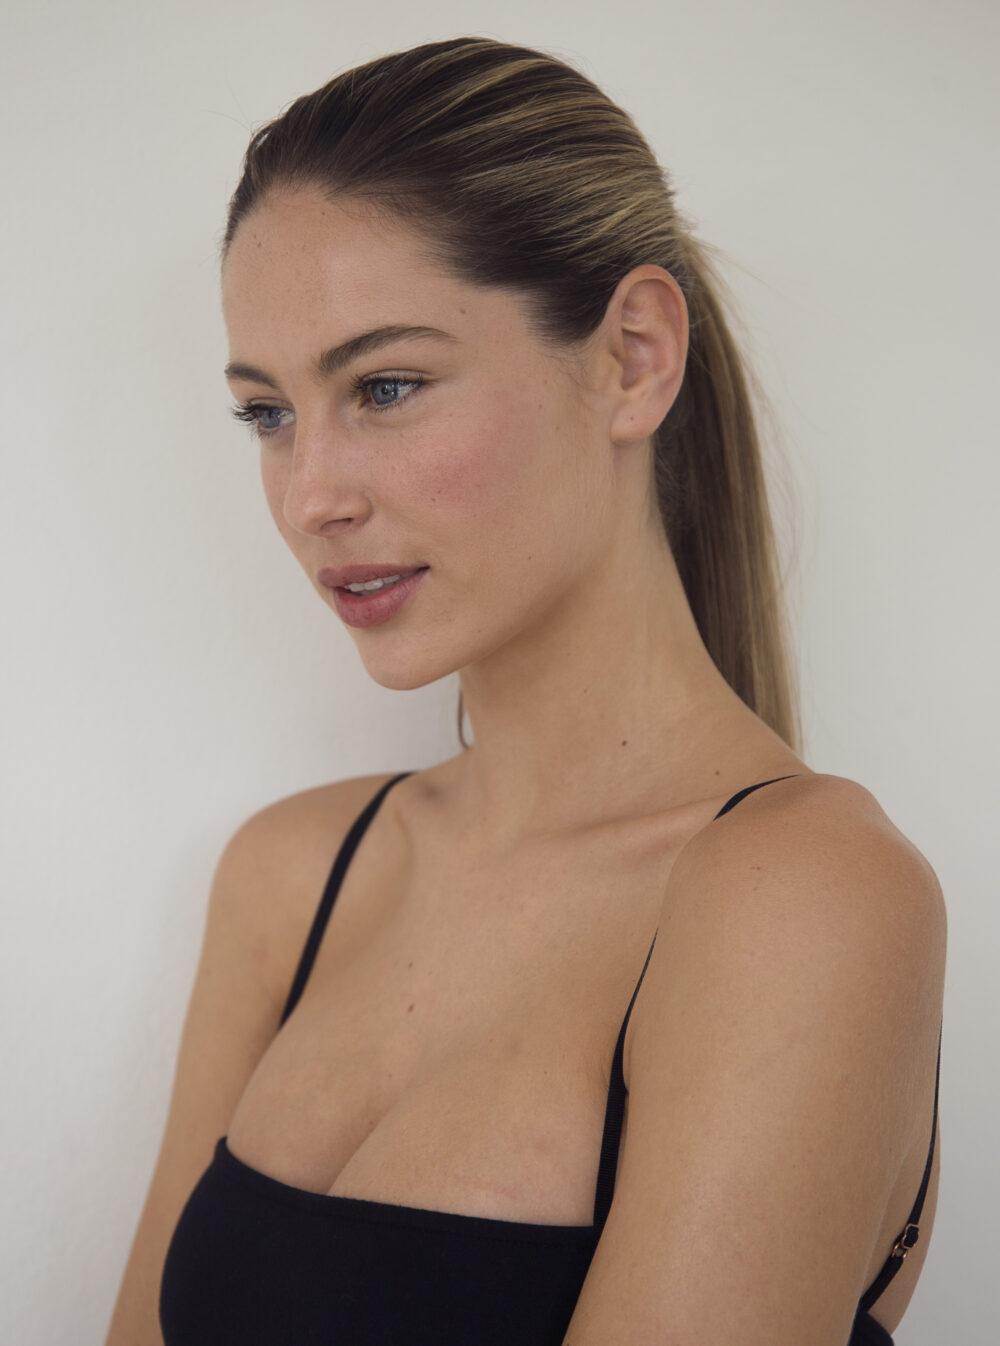 Mathilde göhler